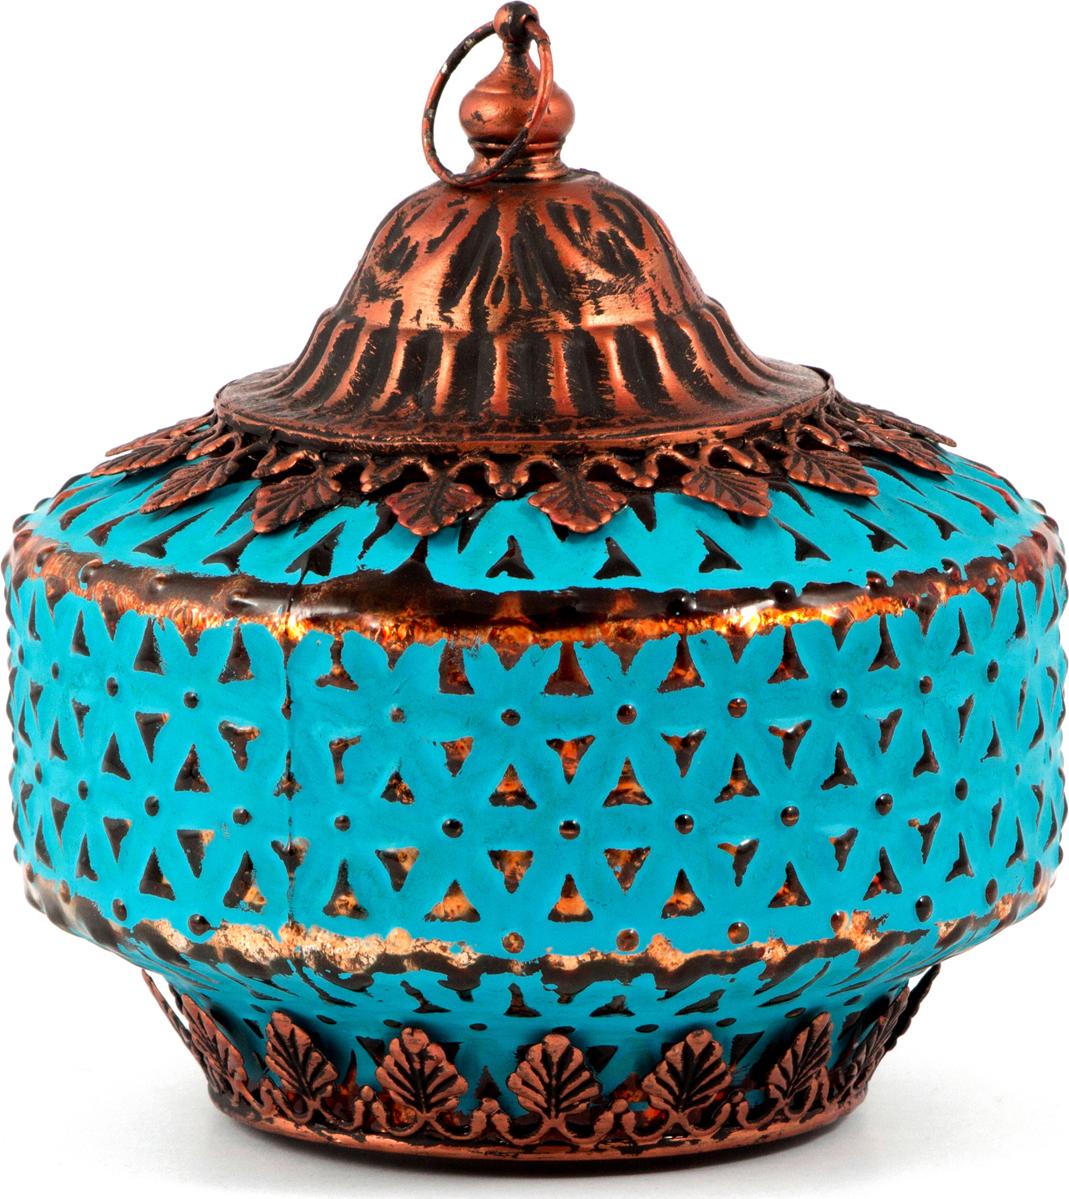 Подсвечник-фонарь Маракеш, цвет: голубой, 13 х 14 см86039Подсвечник прежде всего выполняет функцию освещения, является предметом интерьера, а также украшает романтический вечер или праздничный стол.